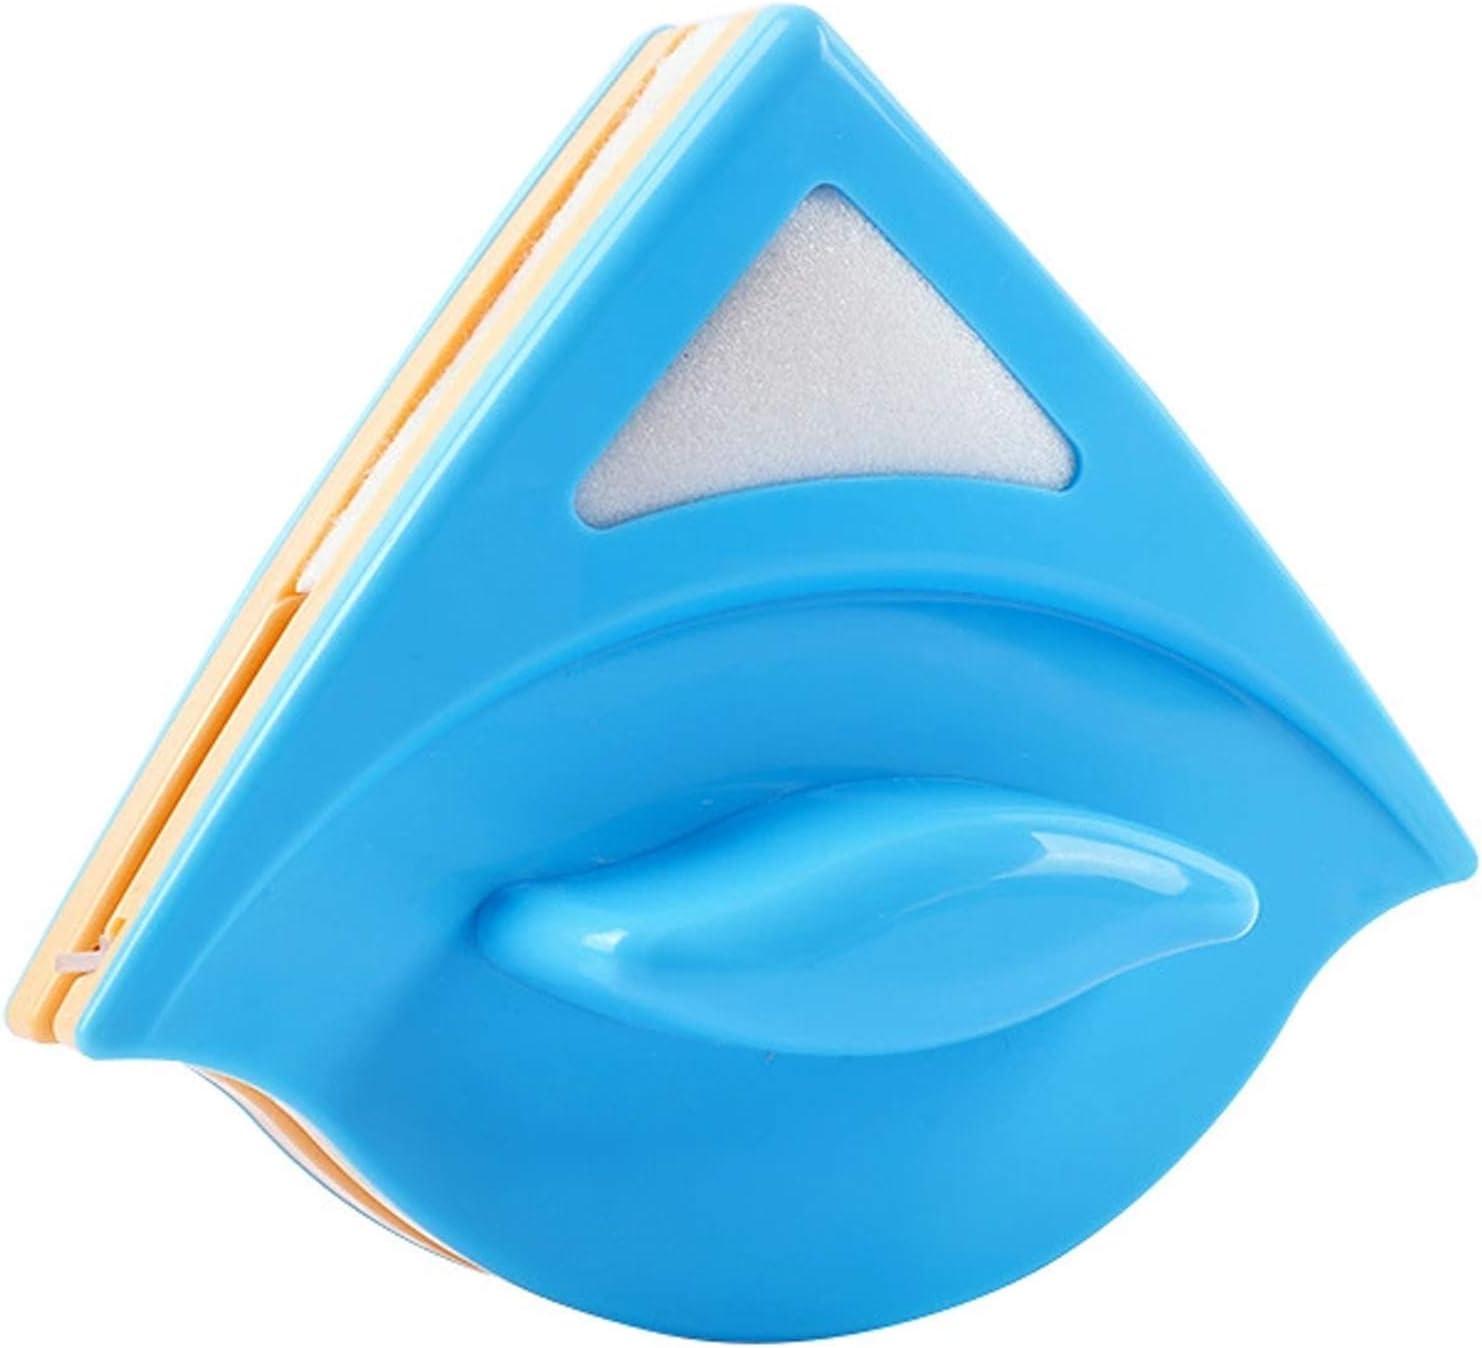 Rpanle Limpiador de Ventanas Magnetico, Eficaz para Ventanas de un Solo Vidrio con Espesor de 3-8 mm, Cepillo de Llimpieza Doble Cara con Cuerda Anti-caída (Azul)